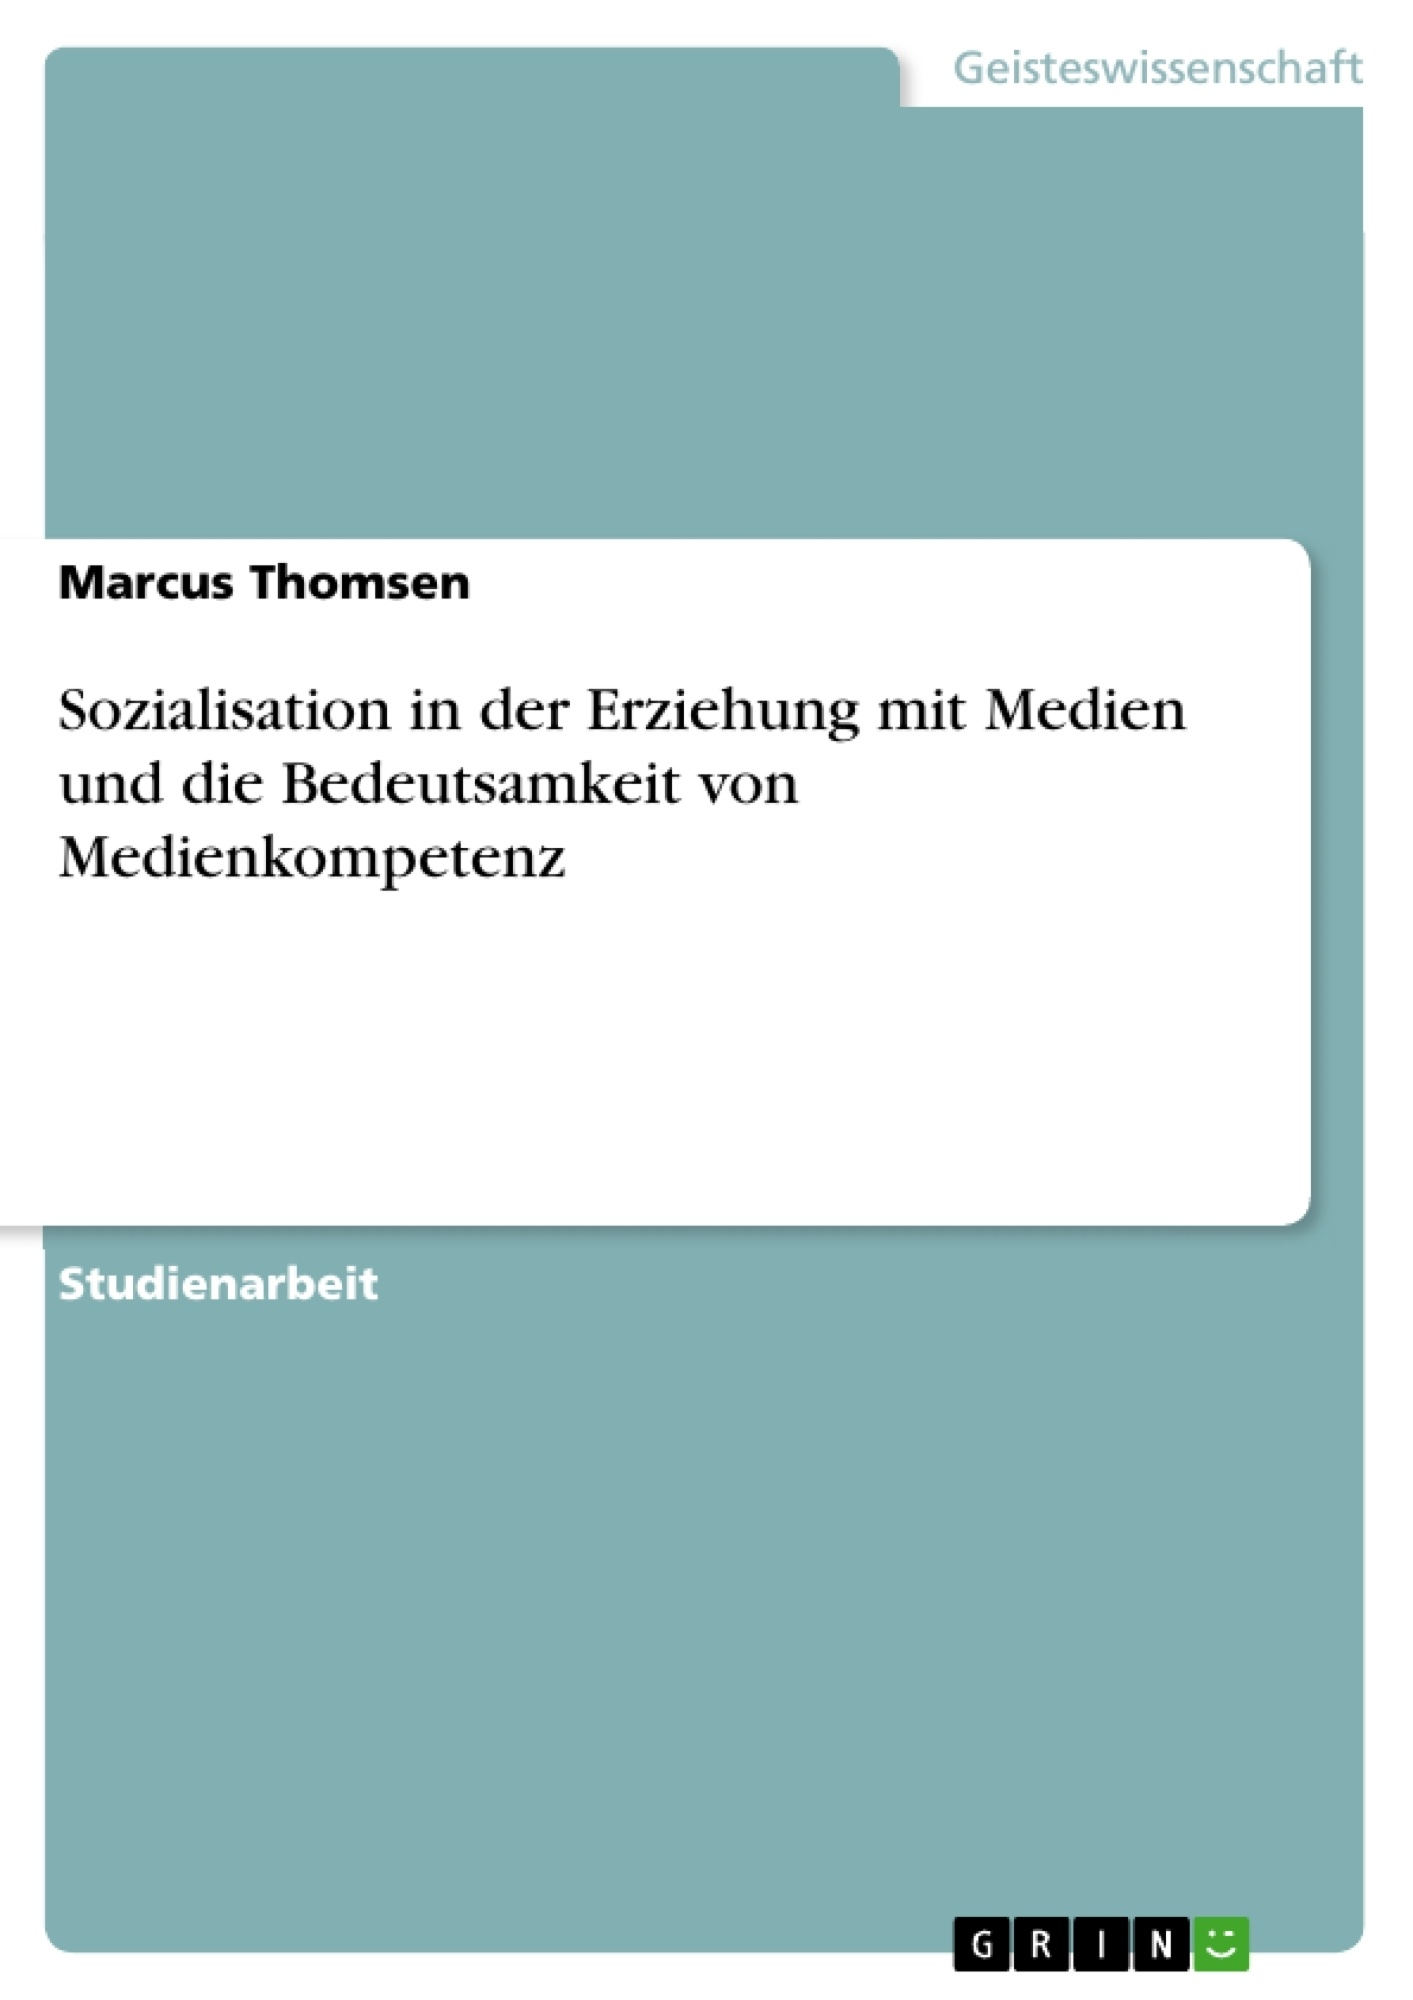 Titel: Sozialisation in der Erziehung mit Medien und die Bedeutsamkeit von Medienkompetenz